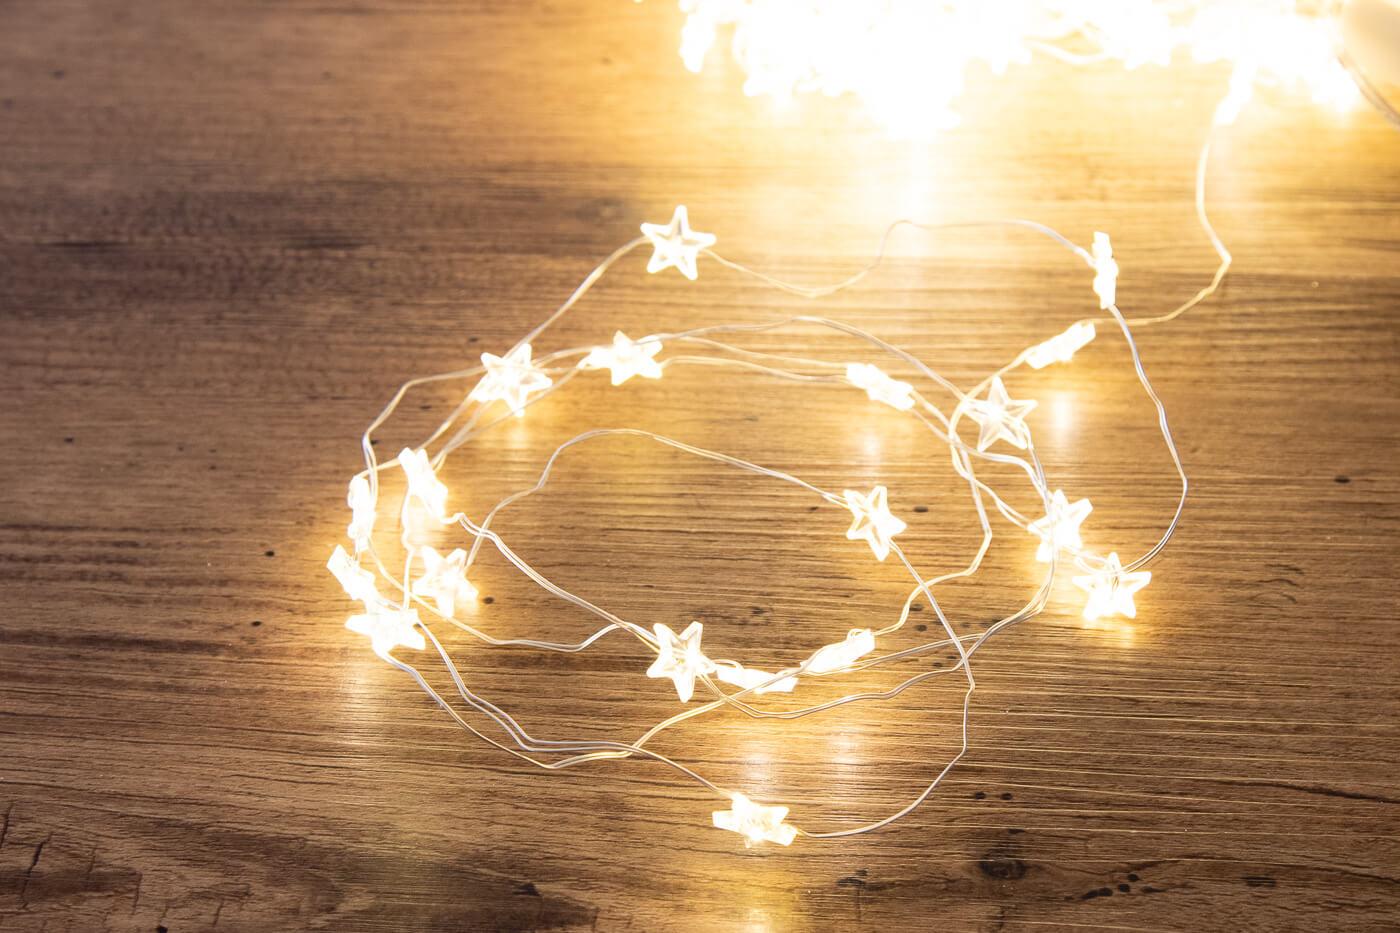 LED-Micro-Bündel-Lichterkette mit Sternen 200 warmweiss